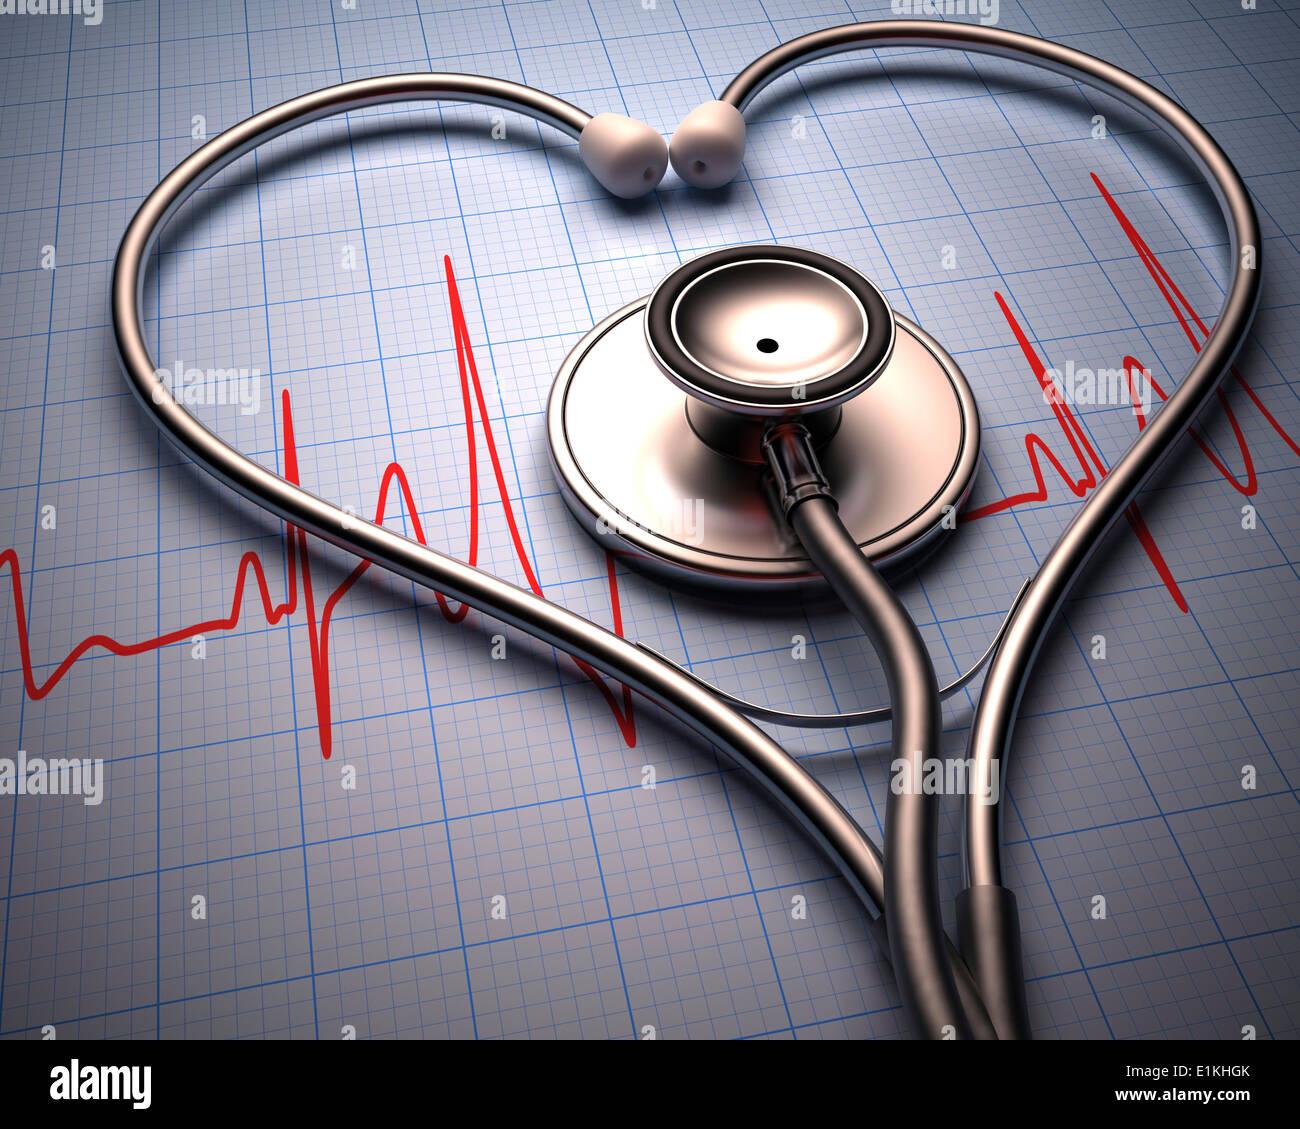 Uno stetoscopio in forma di cuore e un elettrocardiografo. Immagini Stock